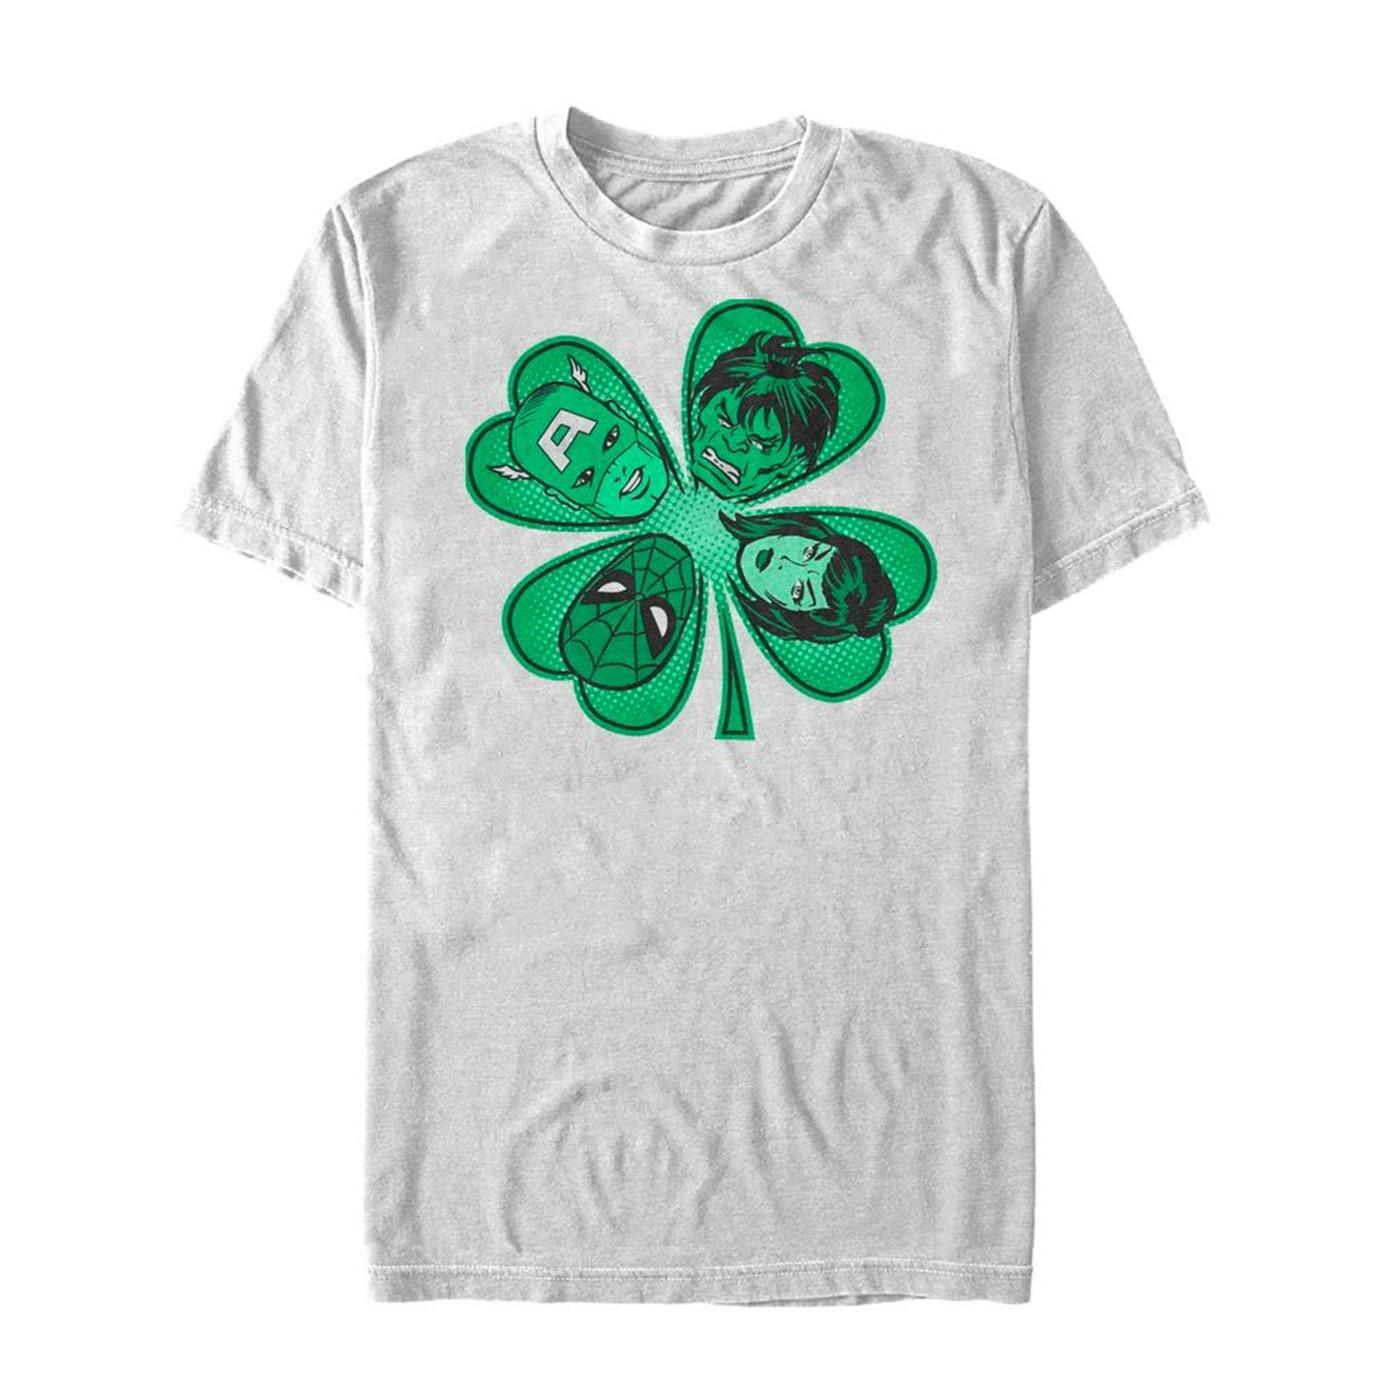 Avengers Shamrock St Patrick's Day White T-Shirt